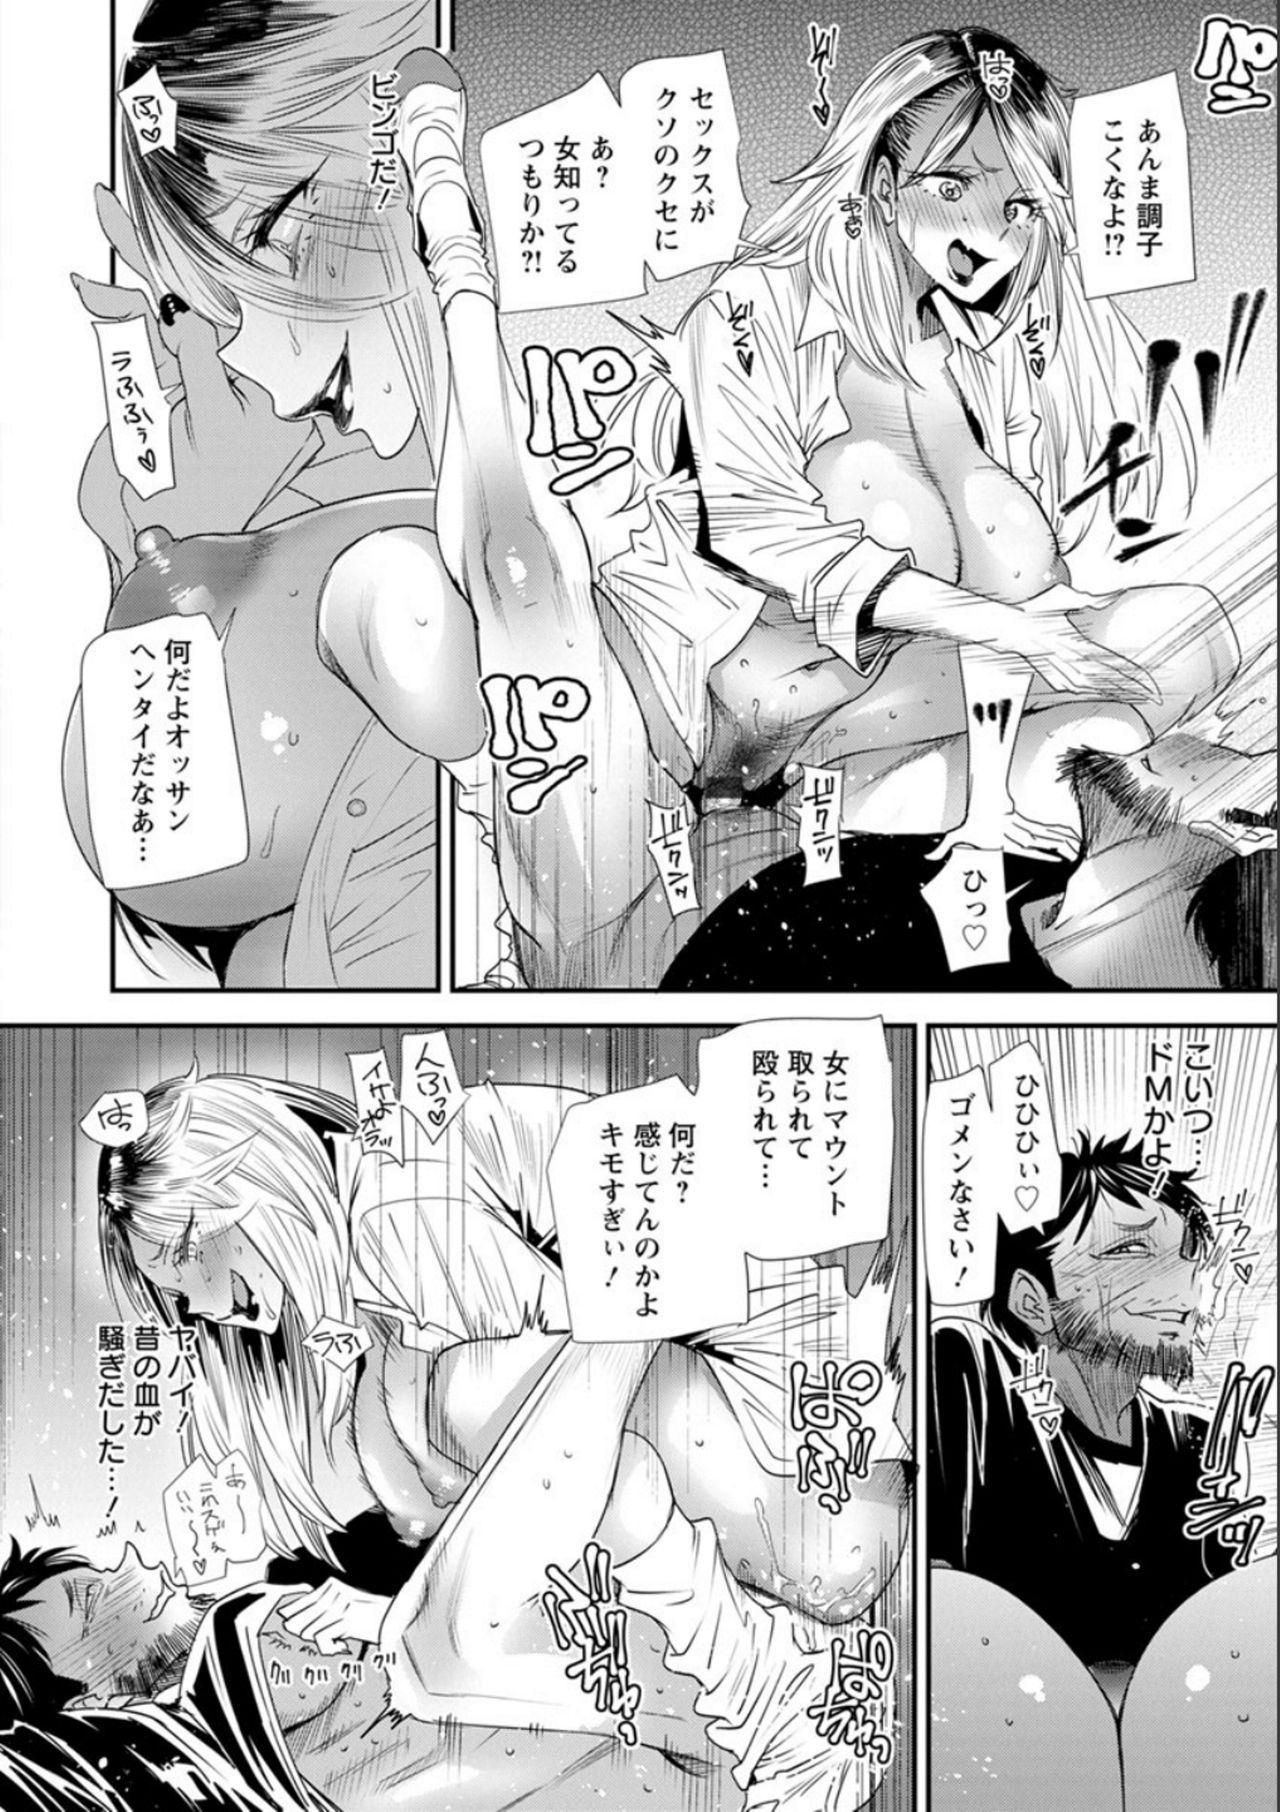 Nao's Secret 61